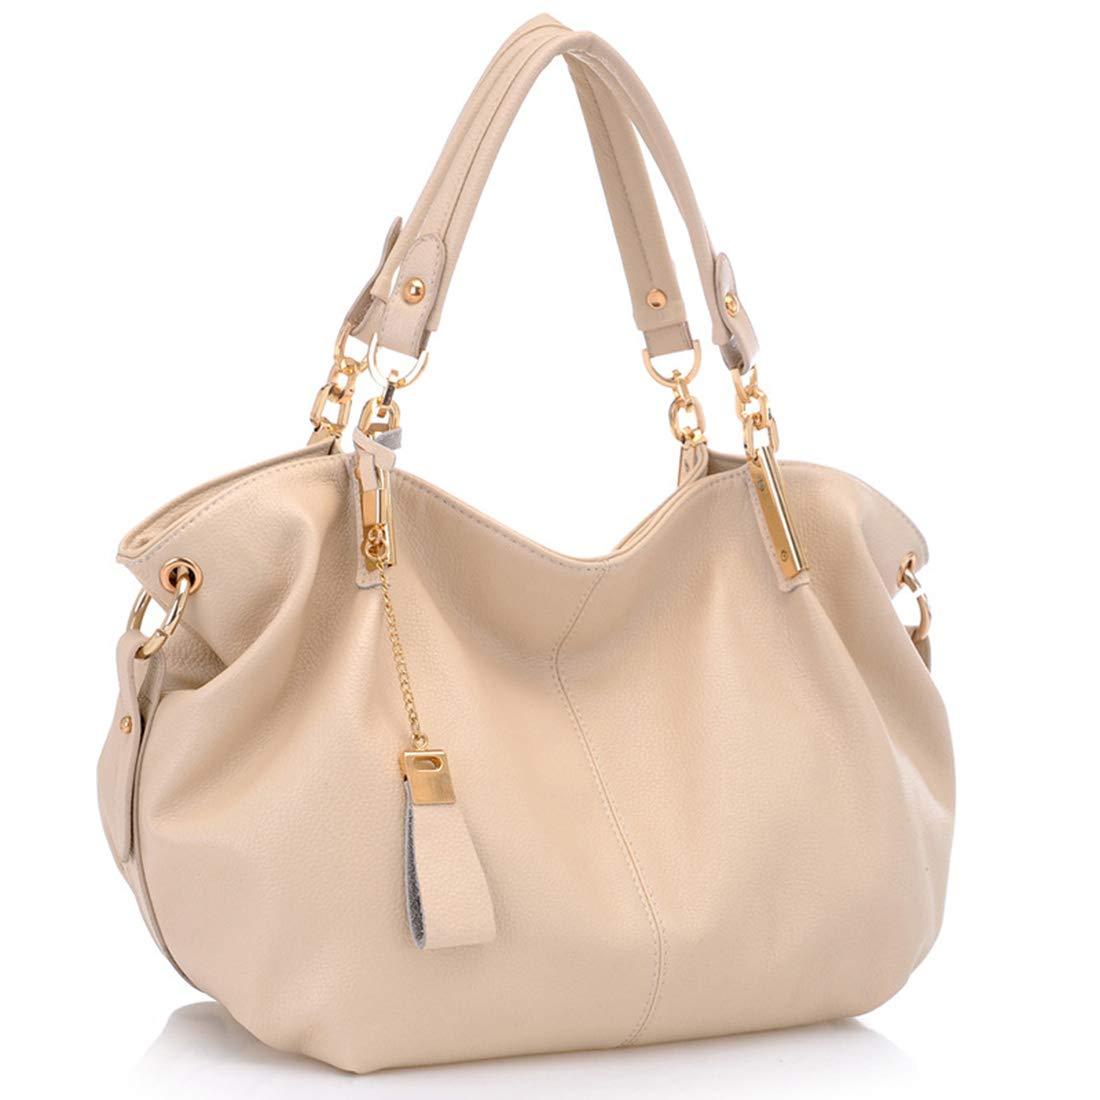 JIANZ-ryggsäck kvinnor vintage läder axelväska tygväskor för kvinnor handväska cross-body väska flickor skolväska handväska axelväska för damer (färg: Beige) BEIgE